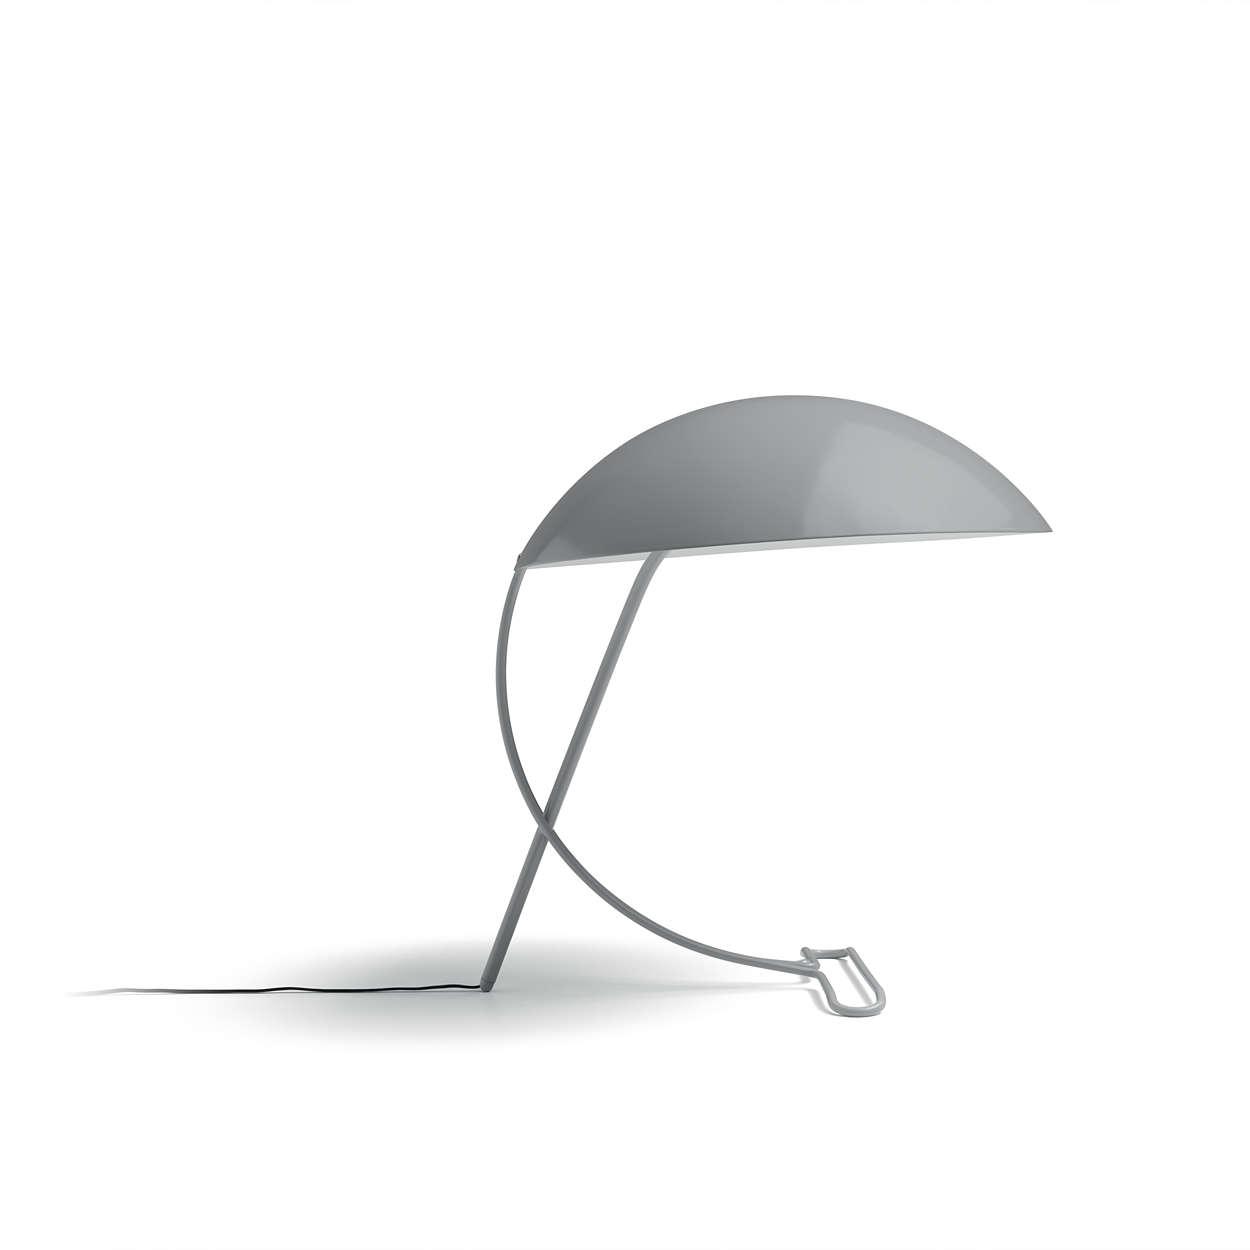 Créez un style lumineux adapté